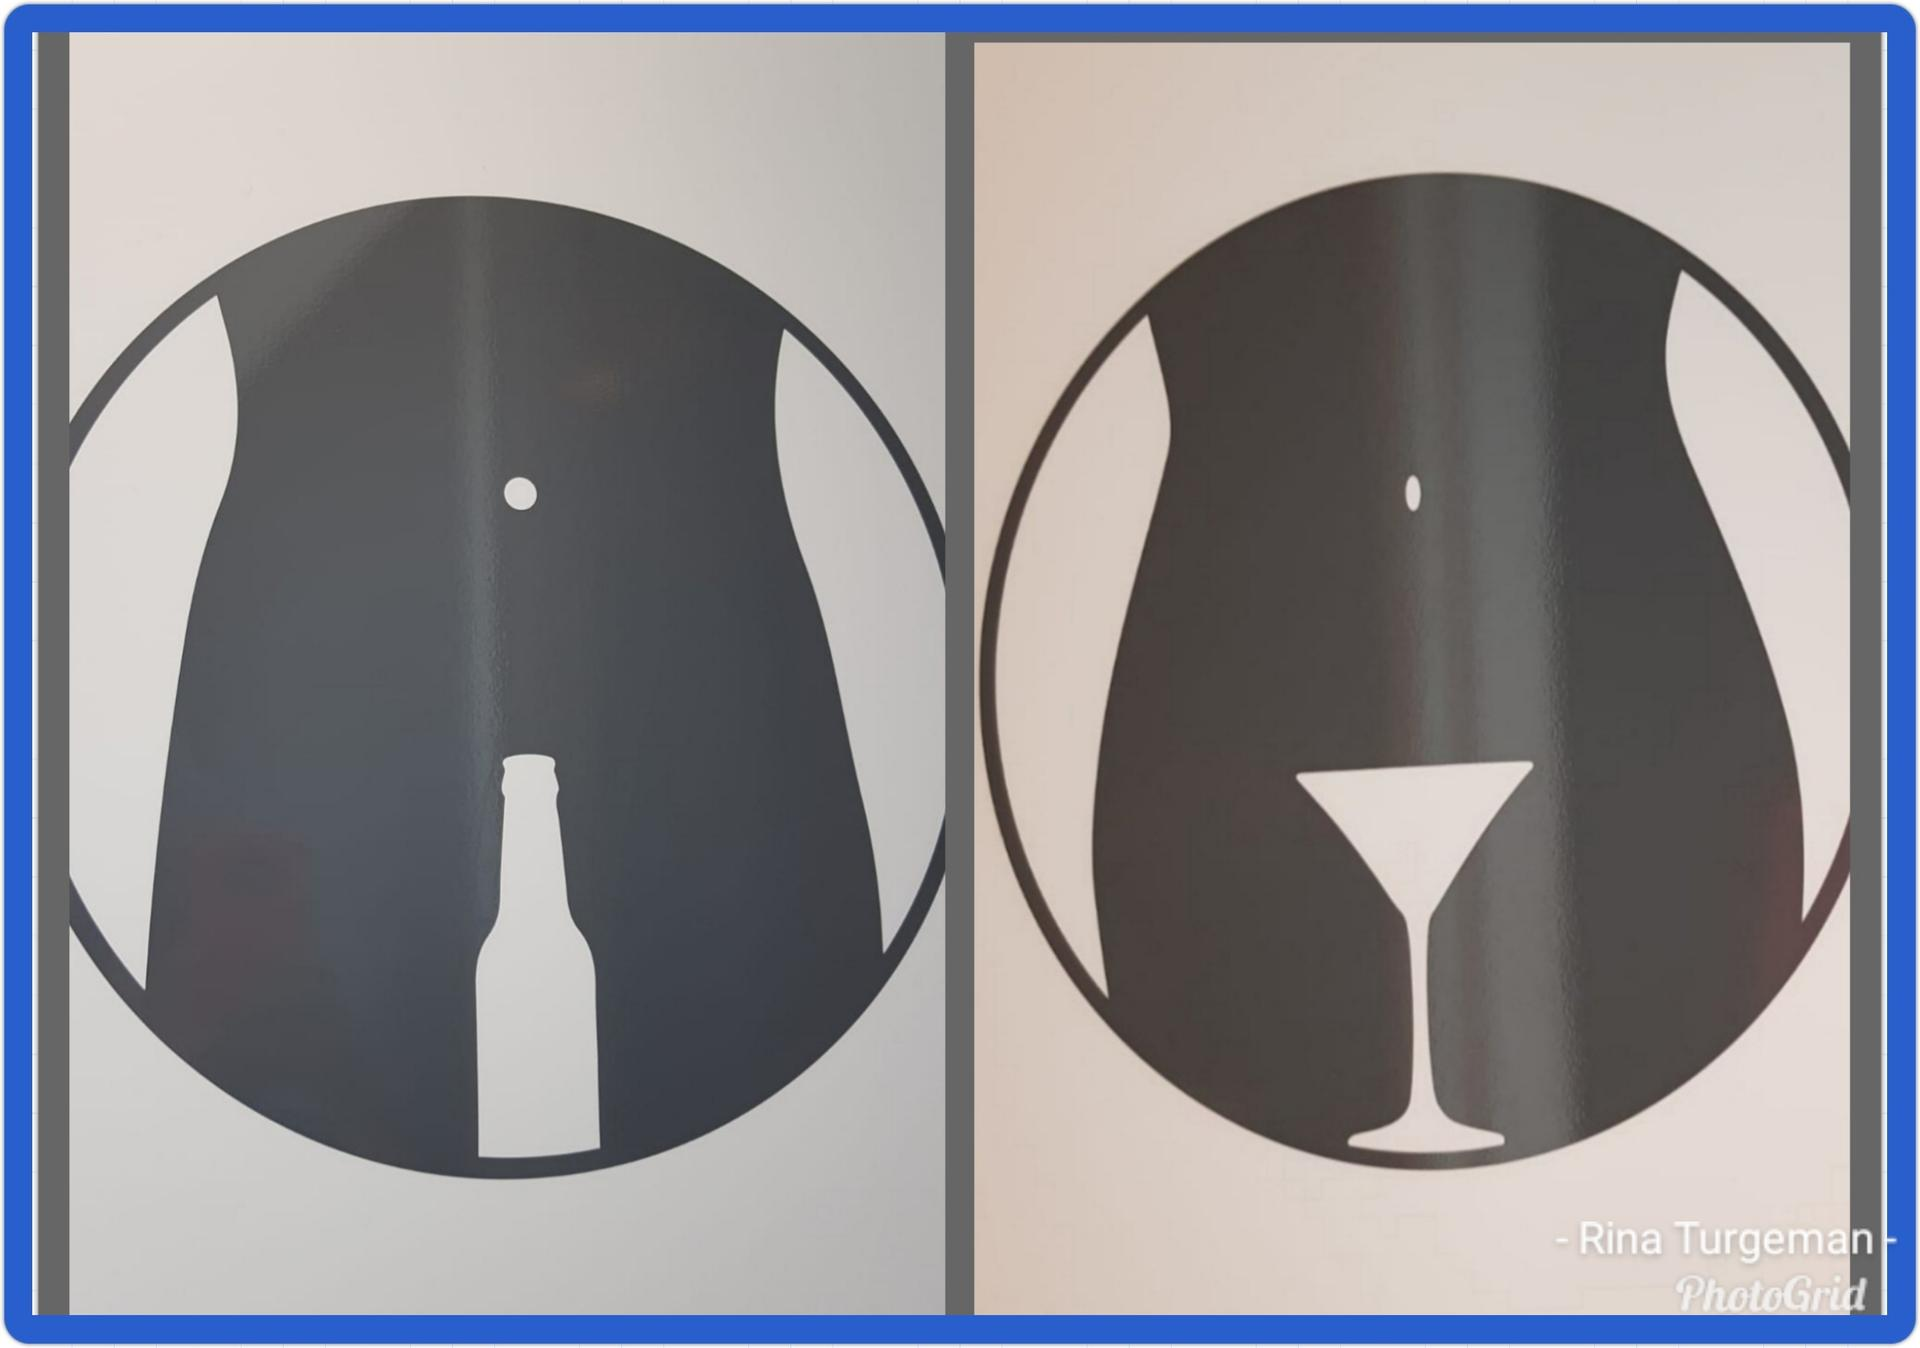 בר באמסטרדם. קוקטייל בשבילה, בירה בשבילו | צילום: עמוד הפייסבוק של רינה תורג'מן